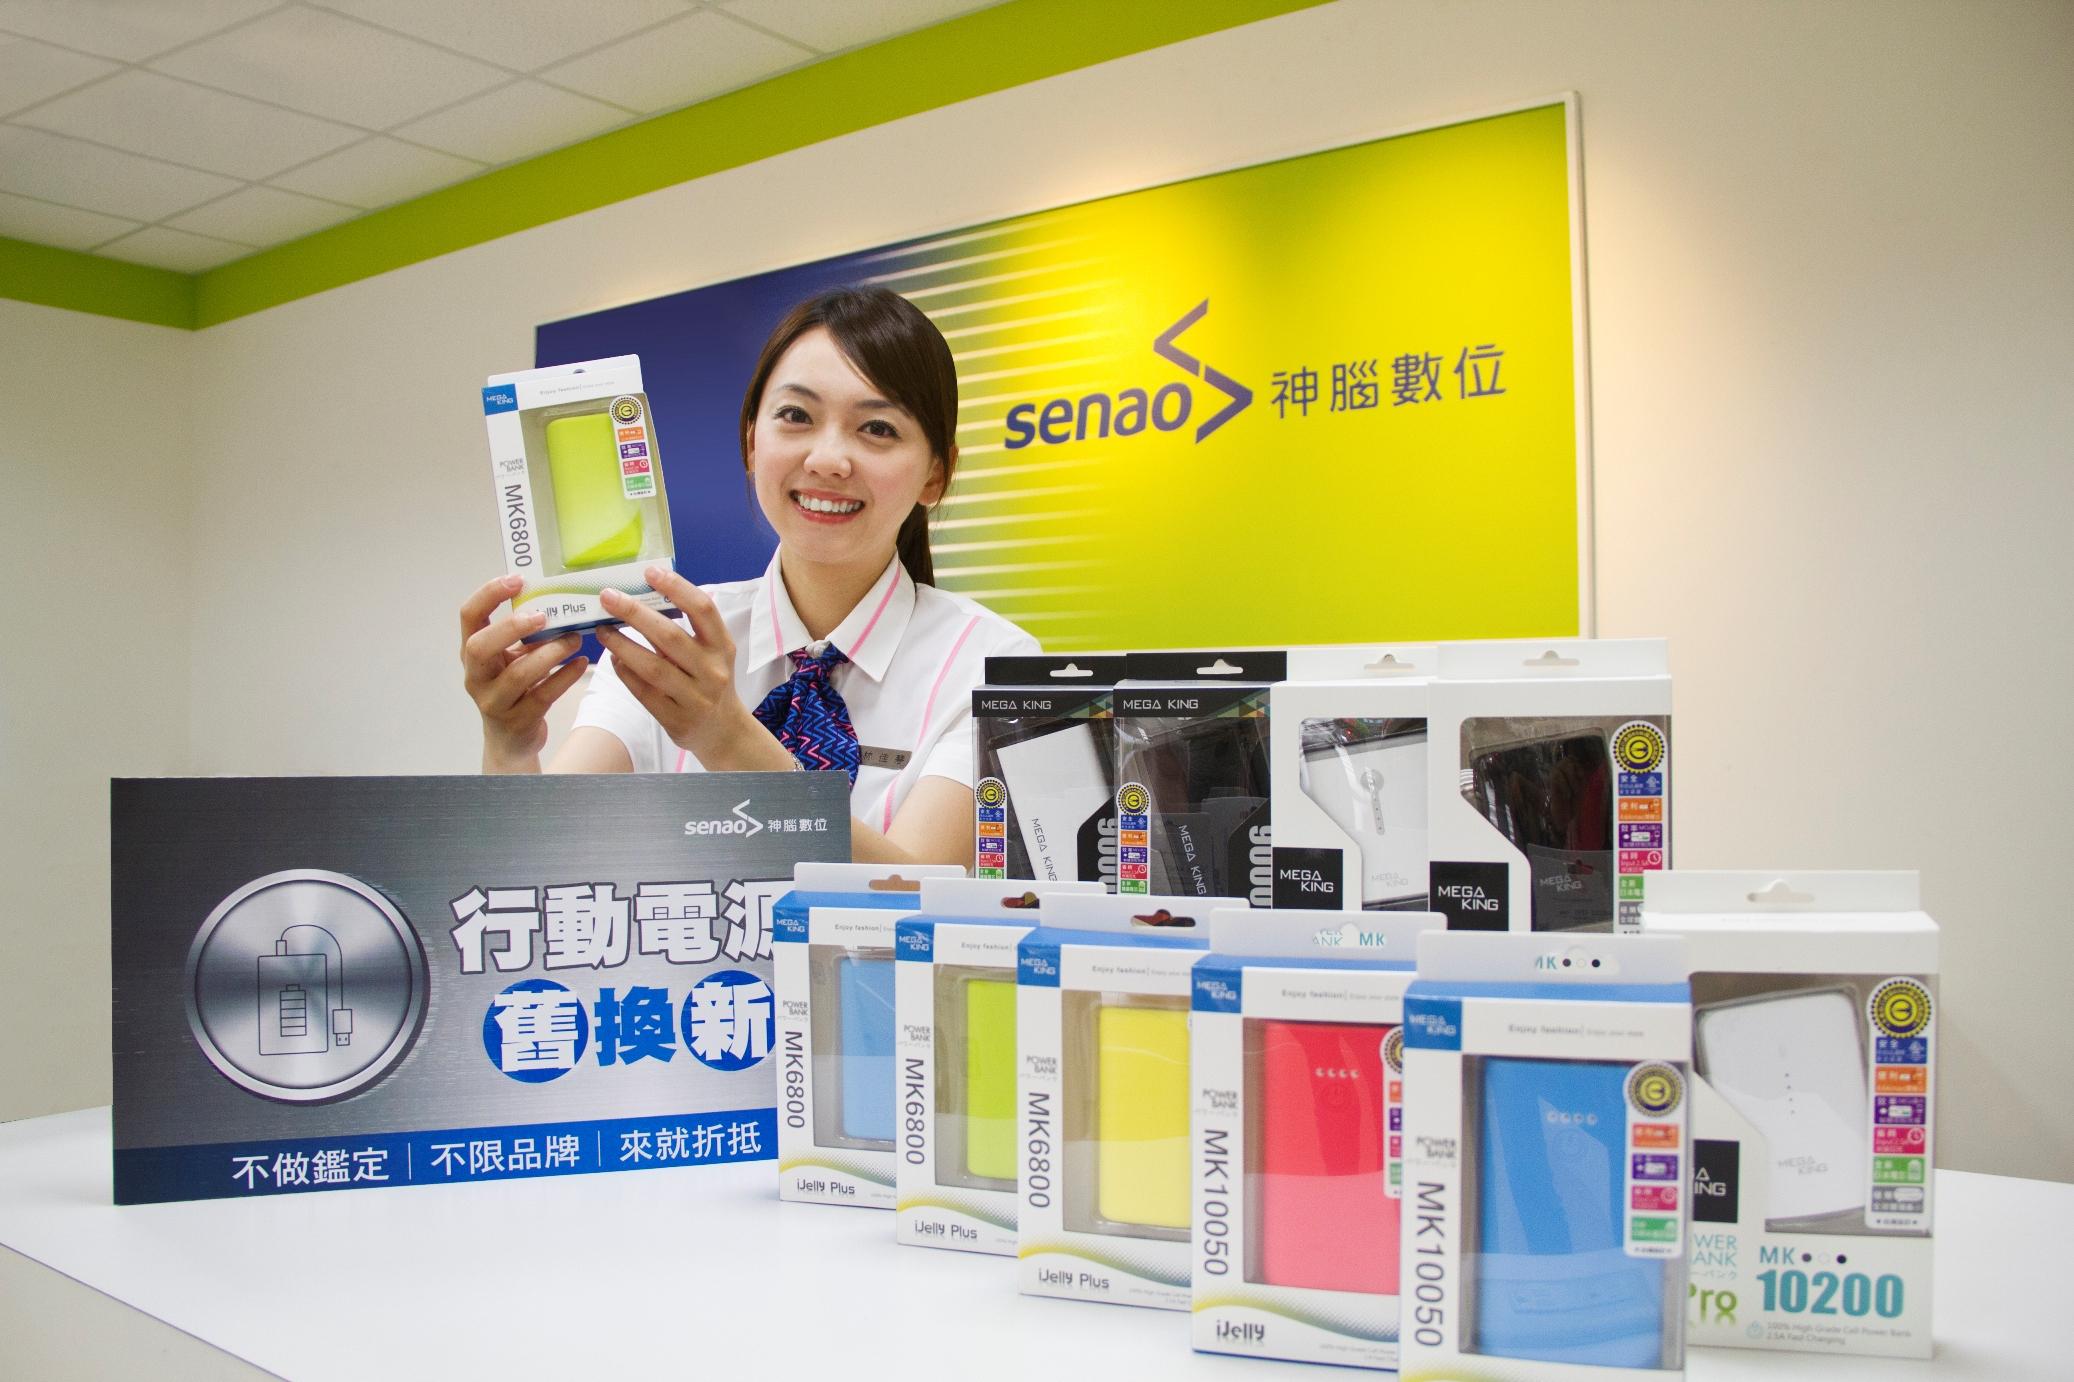 即日起至6月30日止,攜任一品牌行動電源至全台神腦門市,可以優惠價換購神腦販售之行動電源。